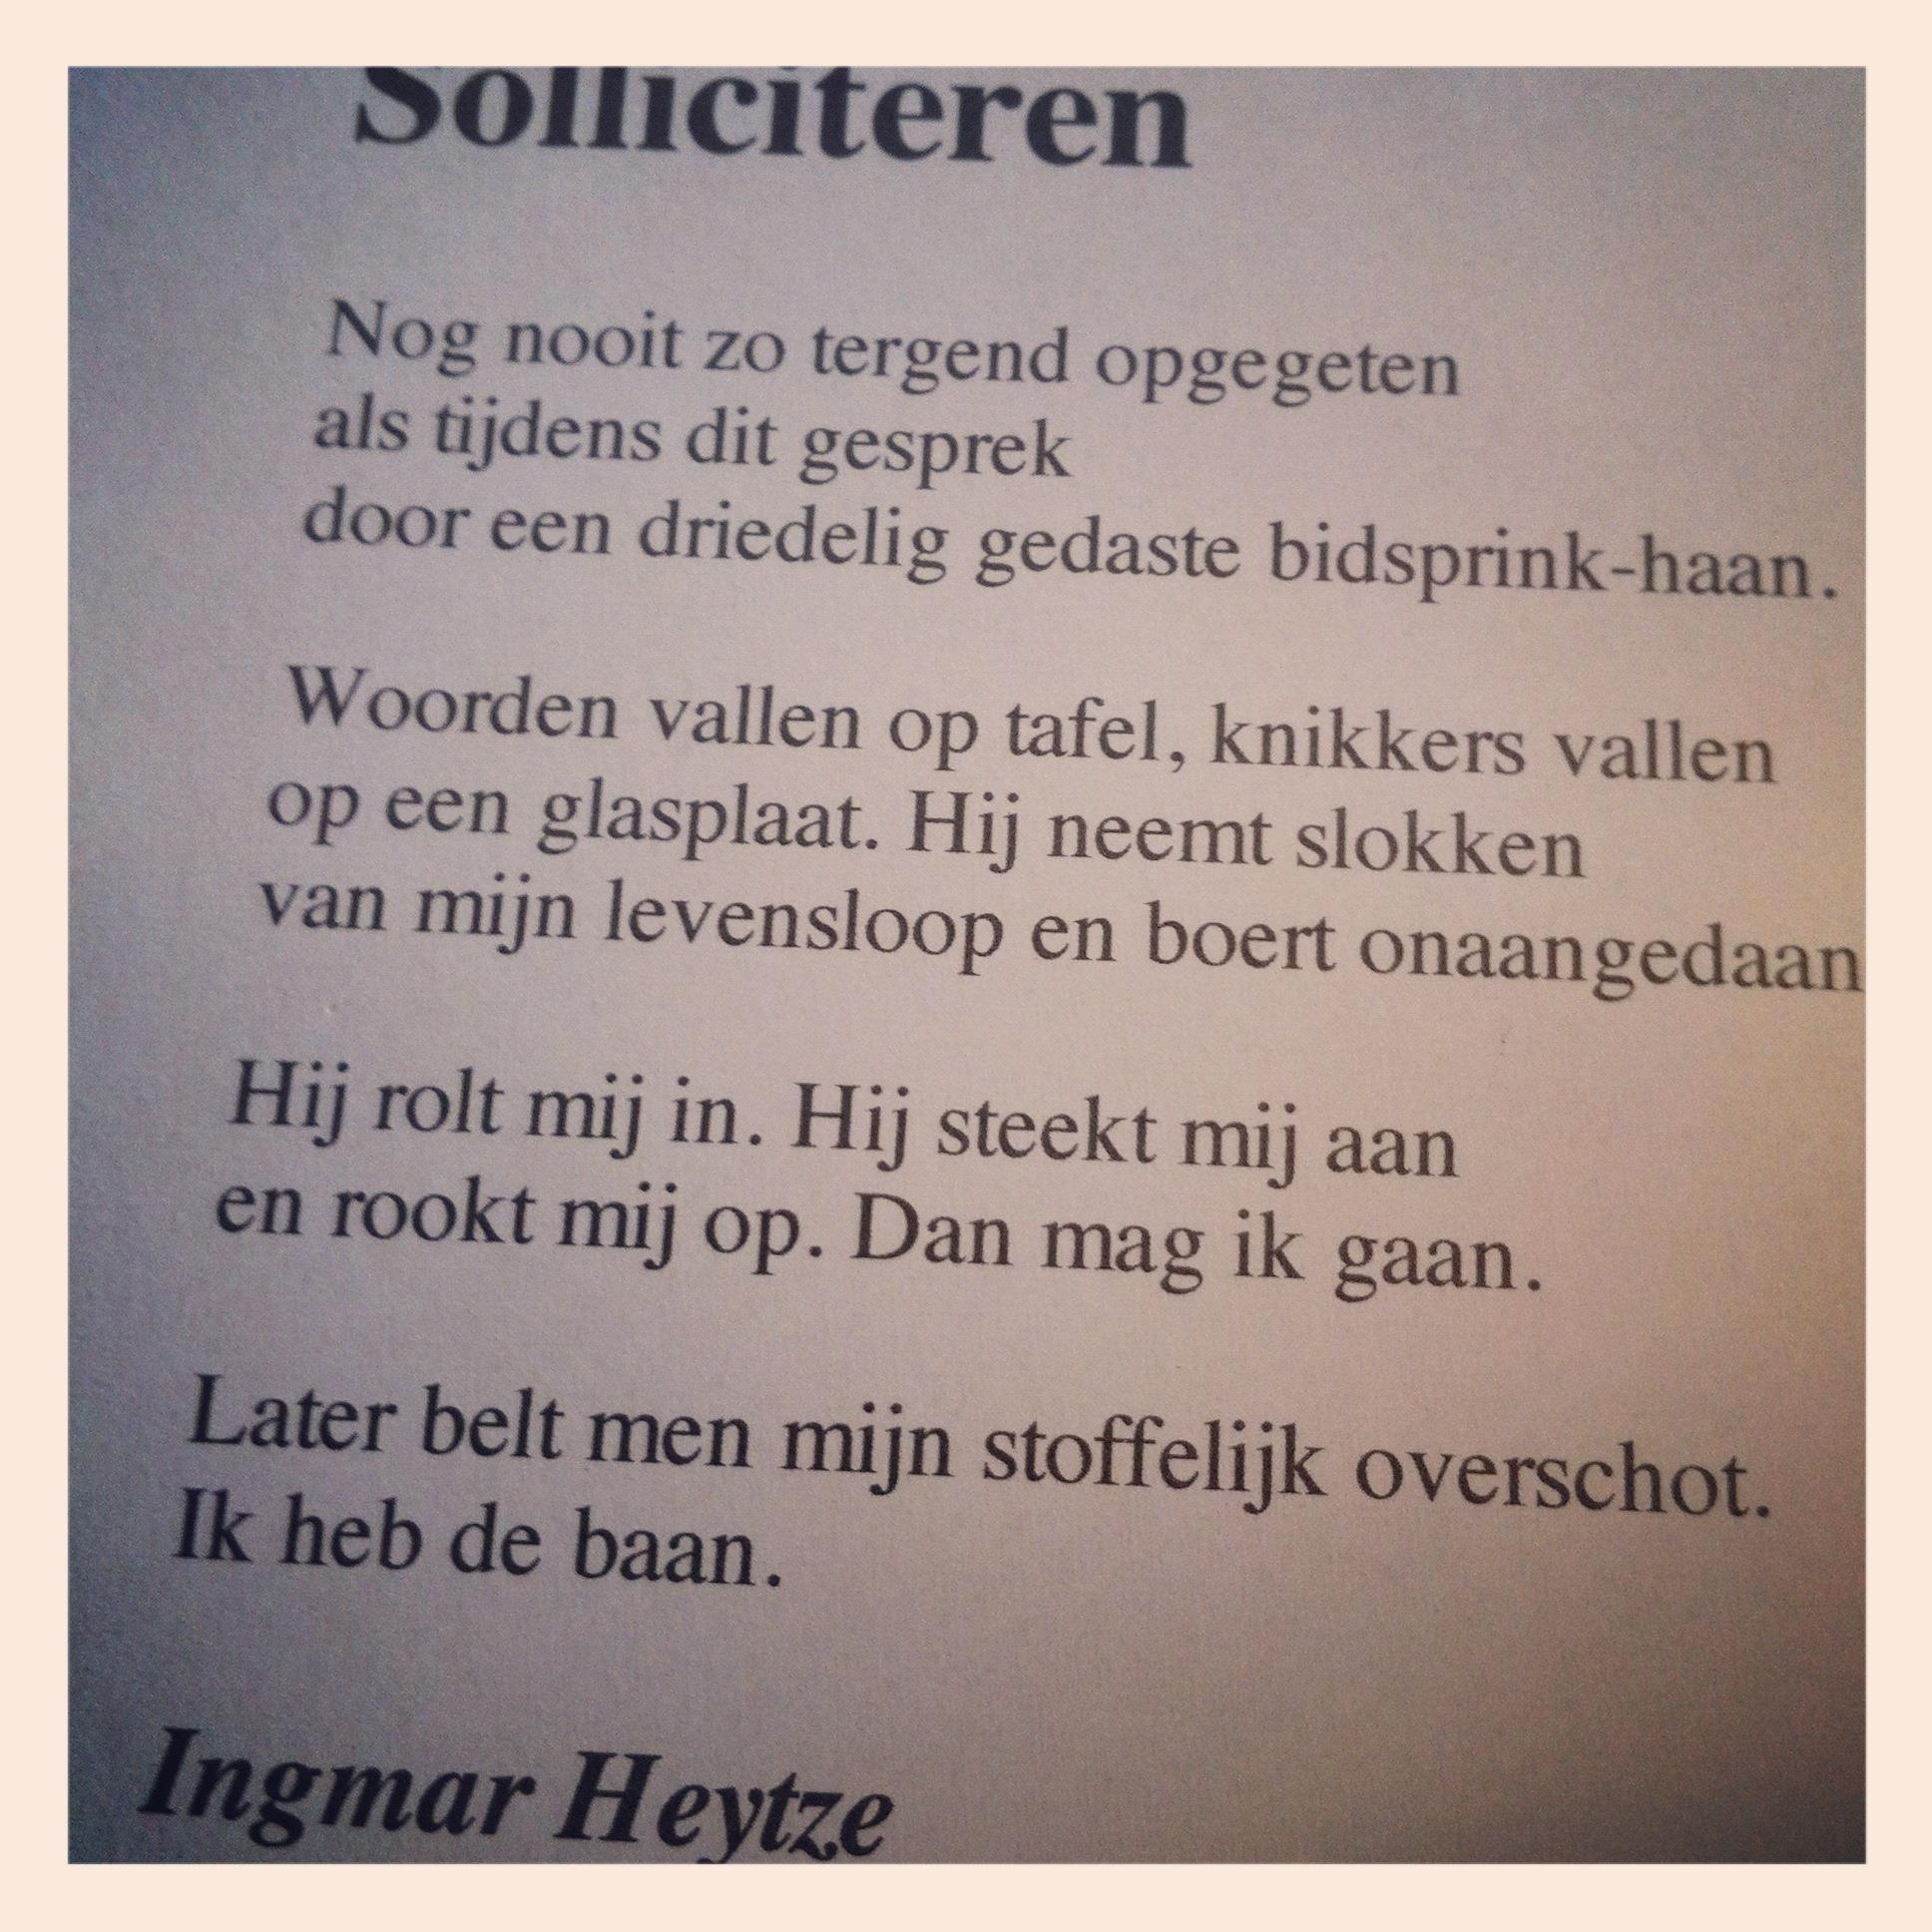 Solliciteren (Ingmar Heytze)